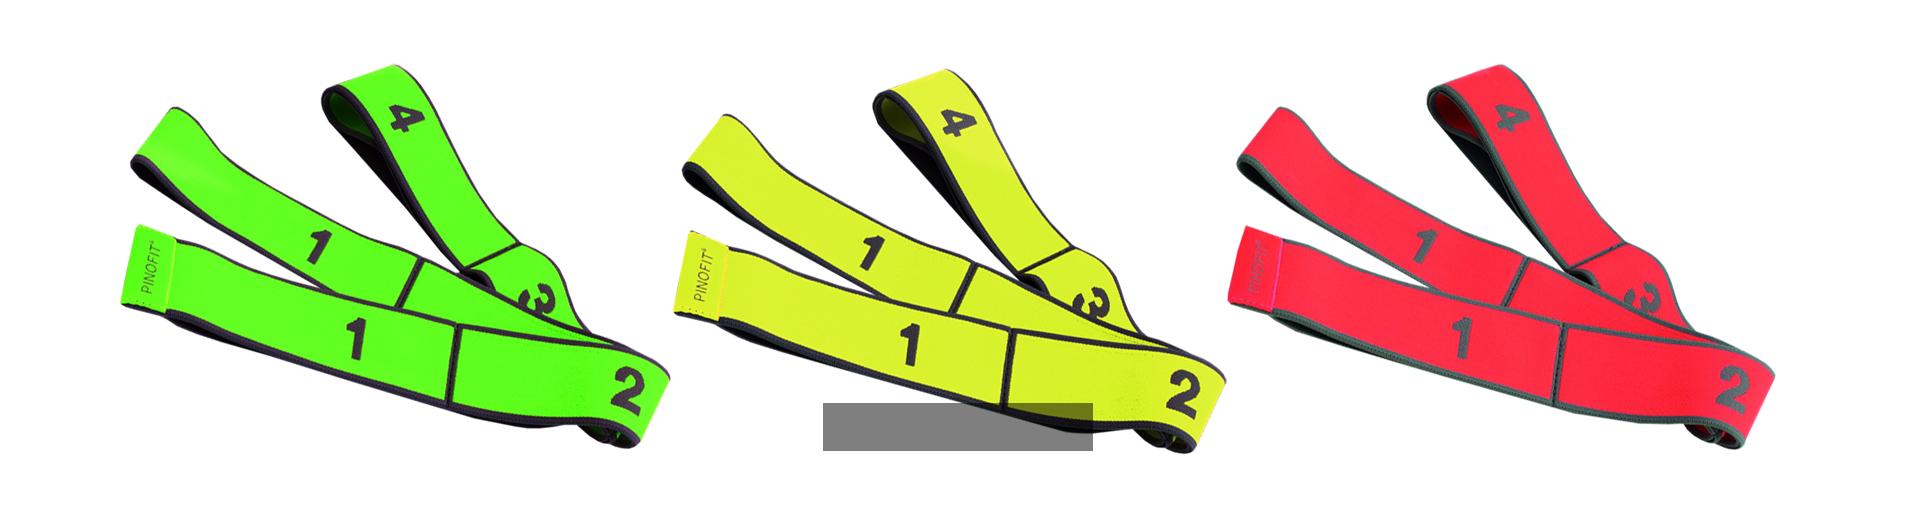 PINOFIT Stretchbanden